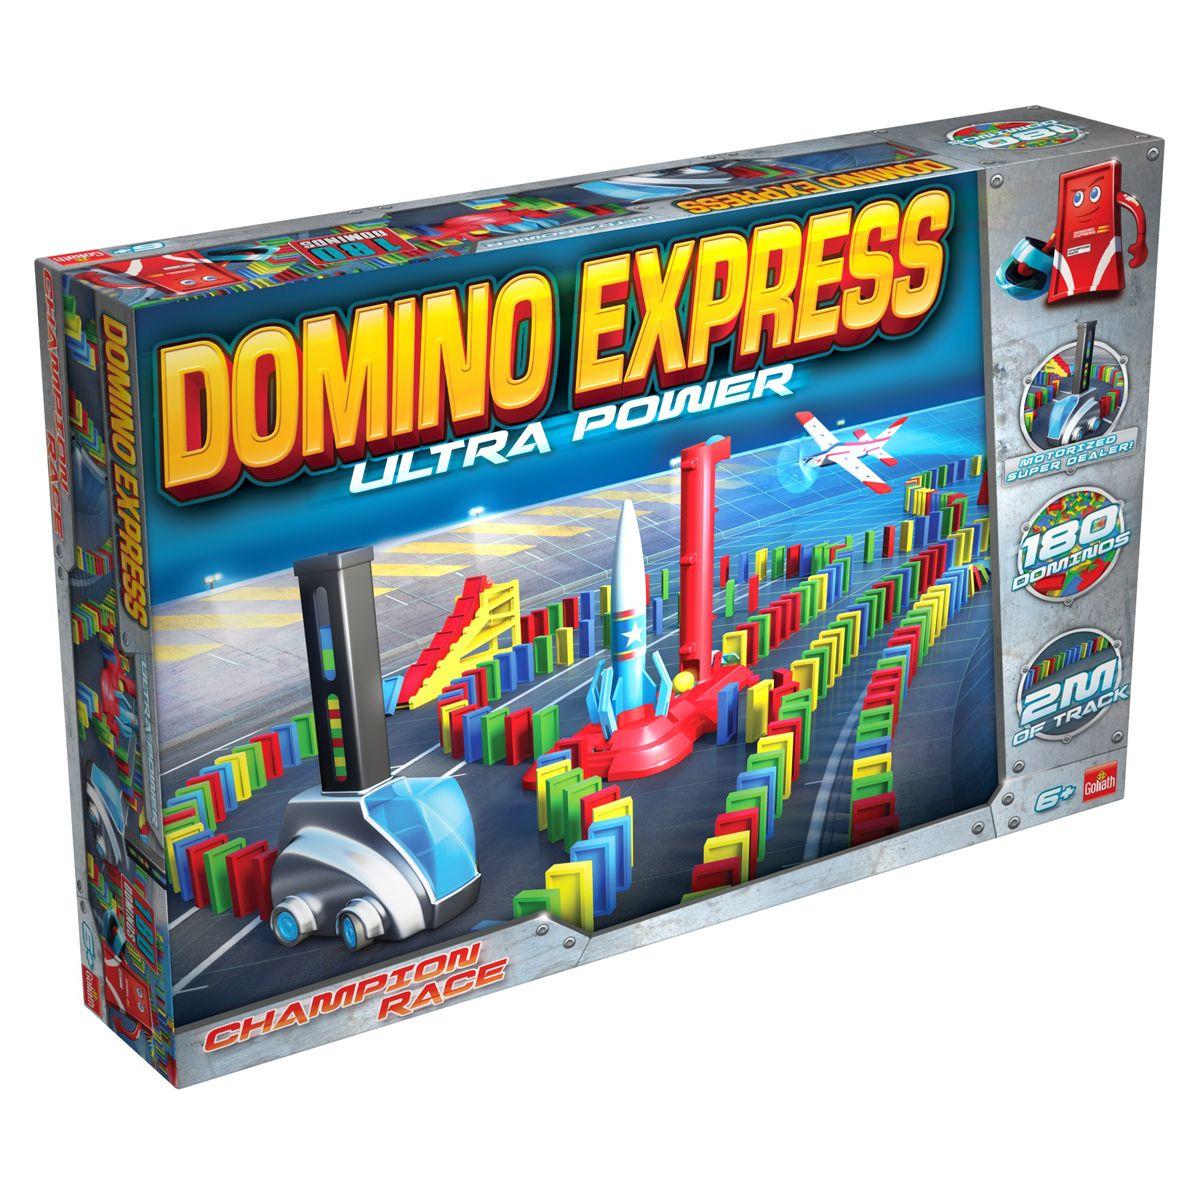 Ultra La Express Jeux Domino De Puzzles Grande Power Société Et 7b6vYfmIgy